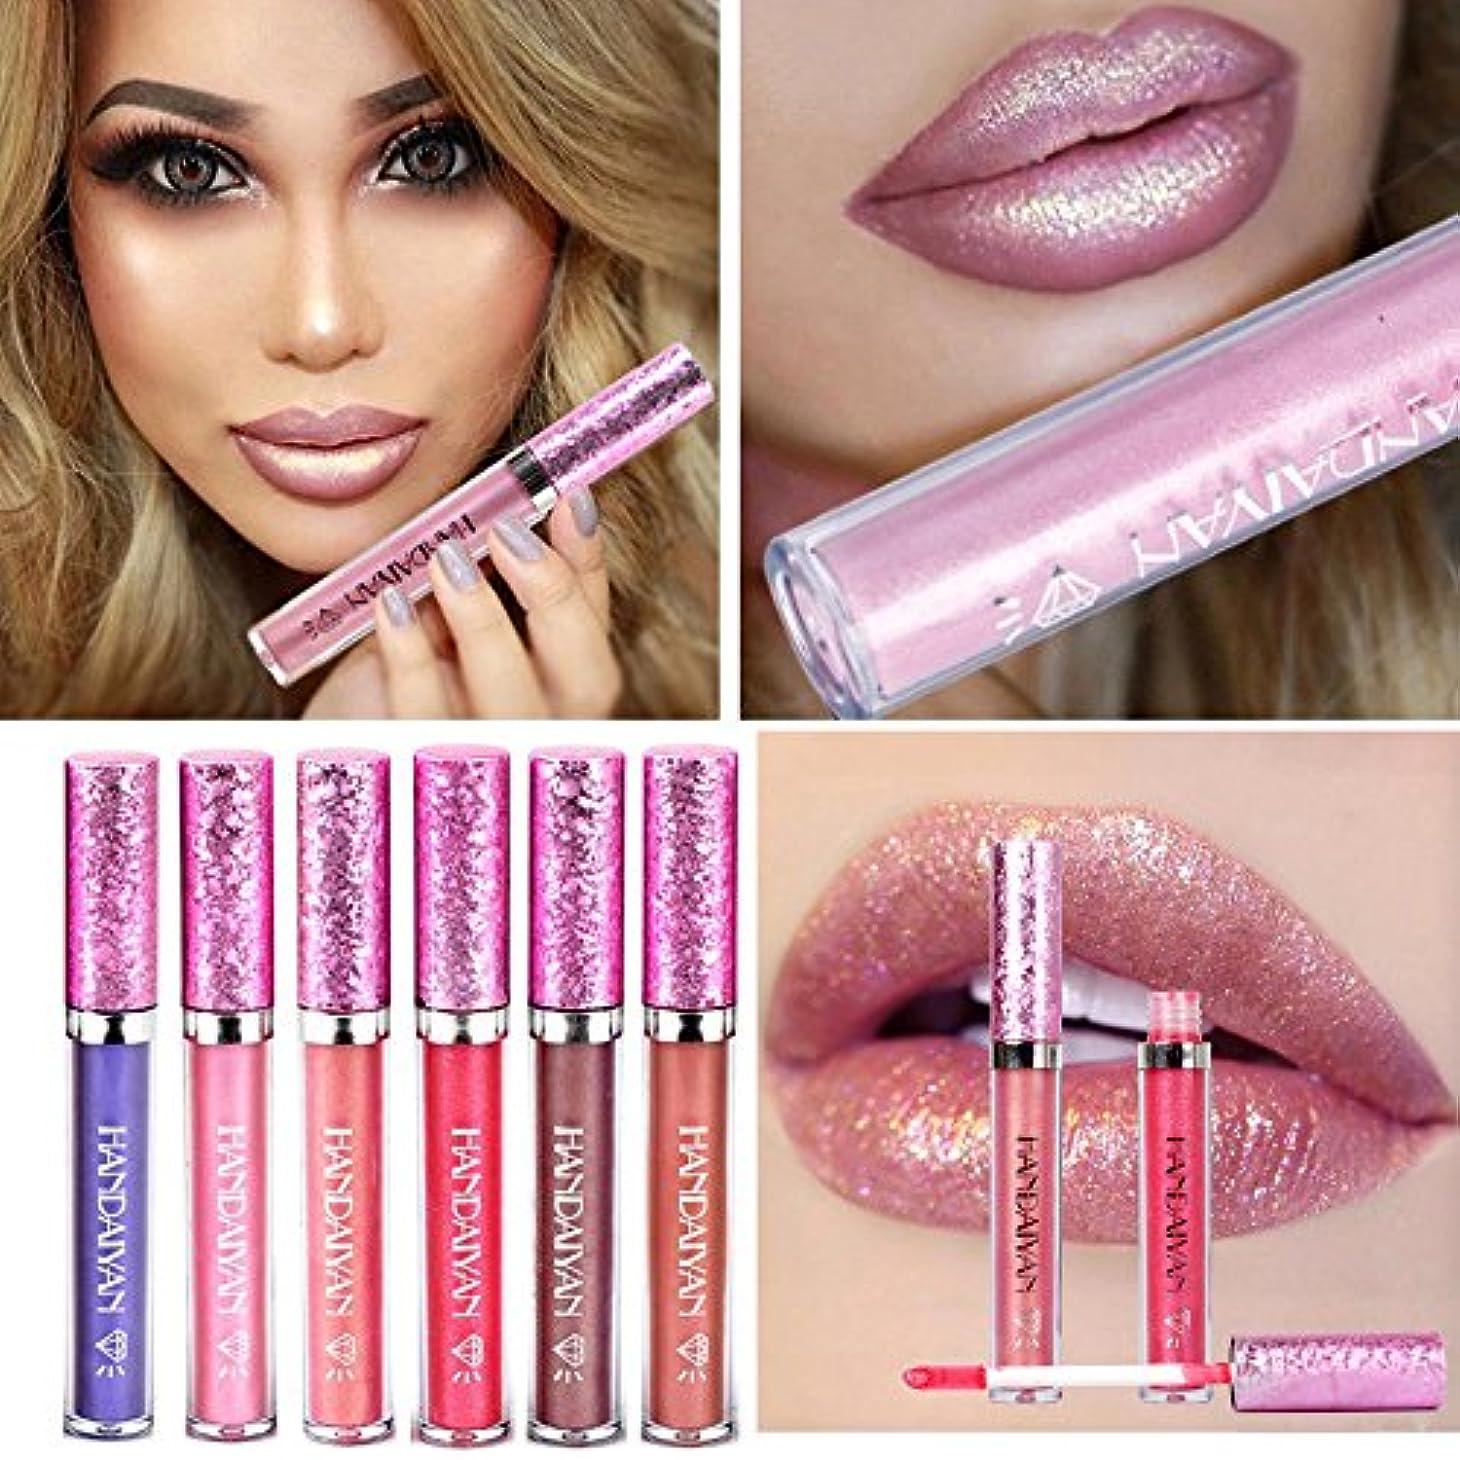 仮定する路面電車化石HANDAIYAN Liquid Pearly Glitter Lipsticks Set - 6 pcs Long Lasting Nonstick Lip Gloss Mermaid Waterproof Lipstick...